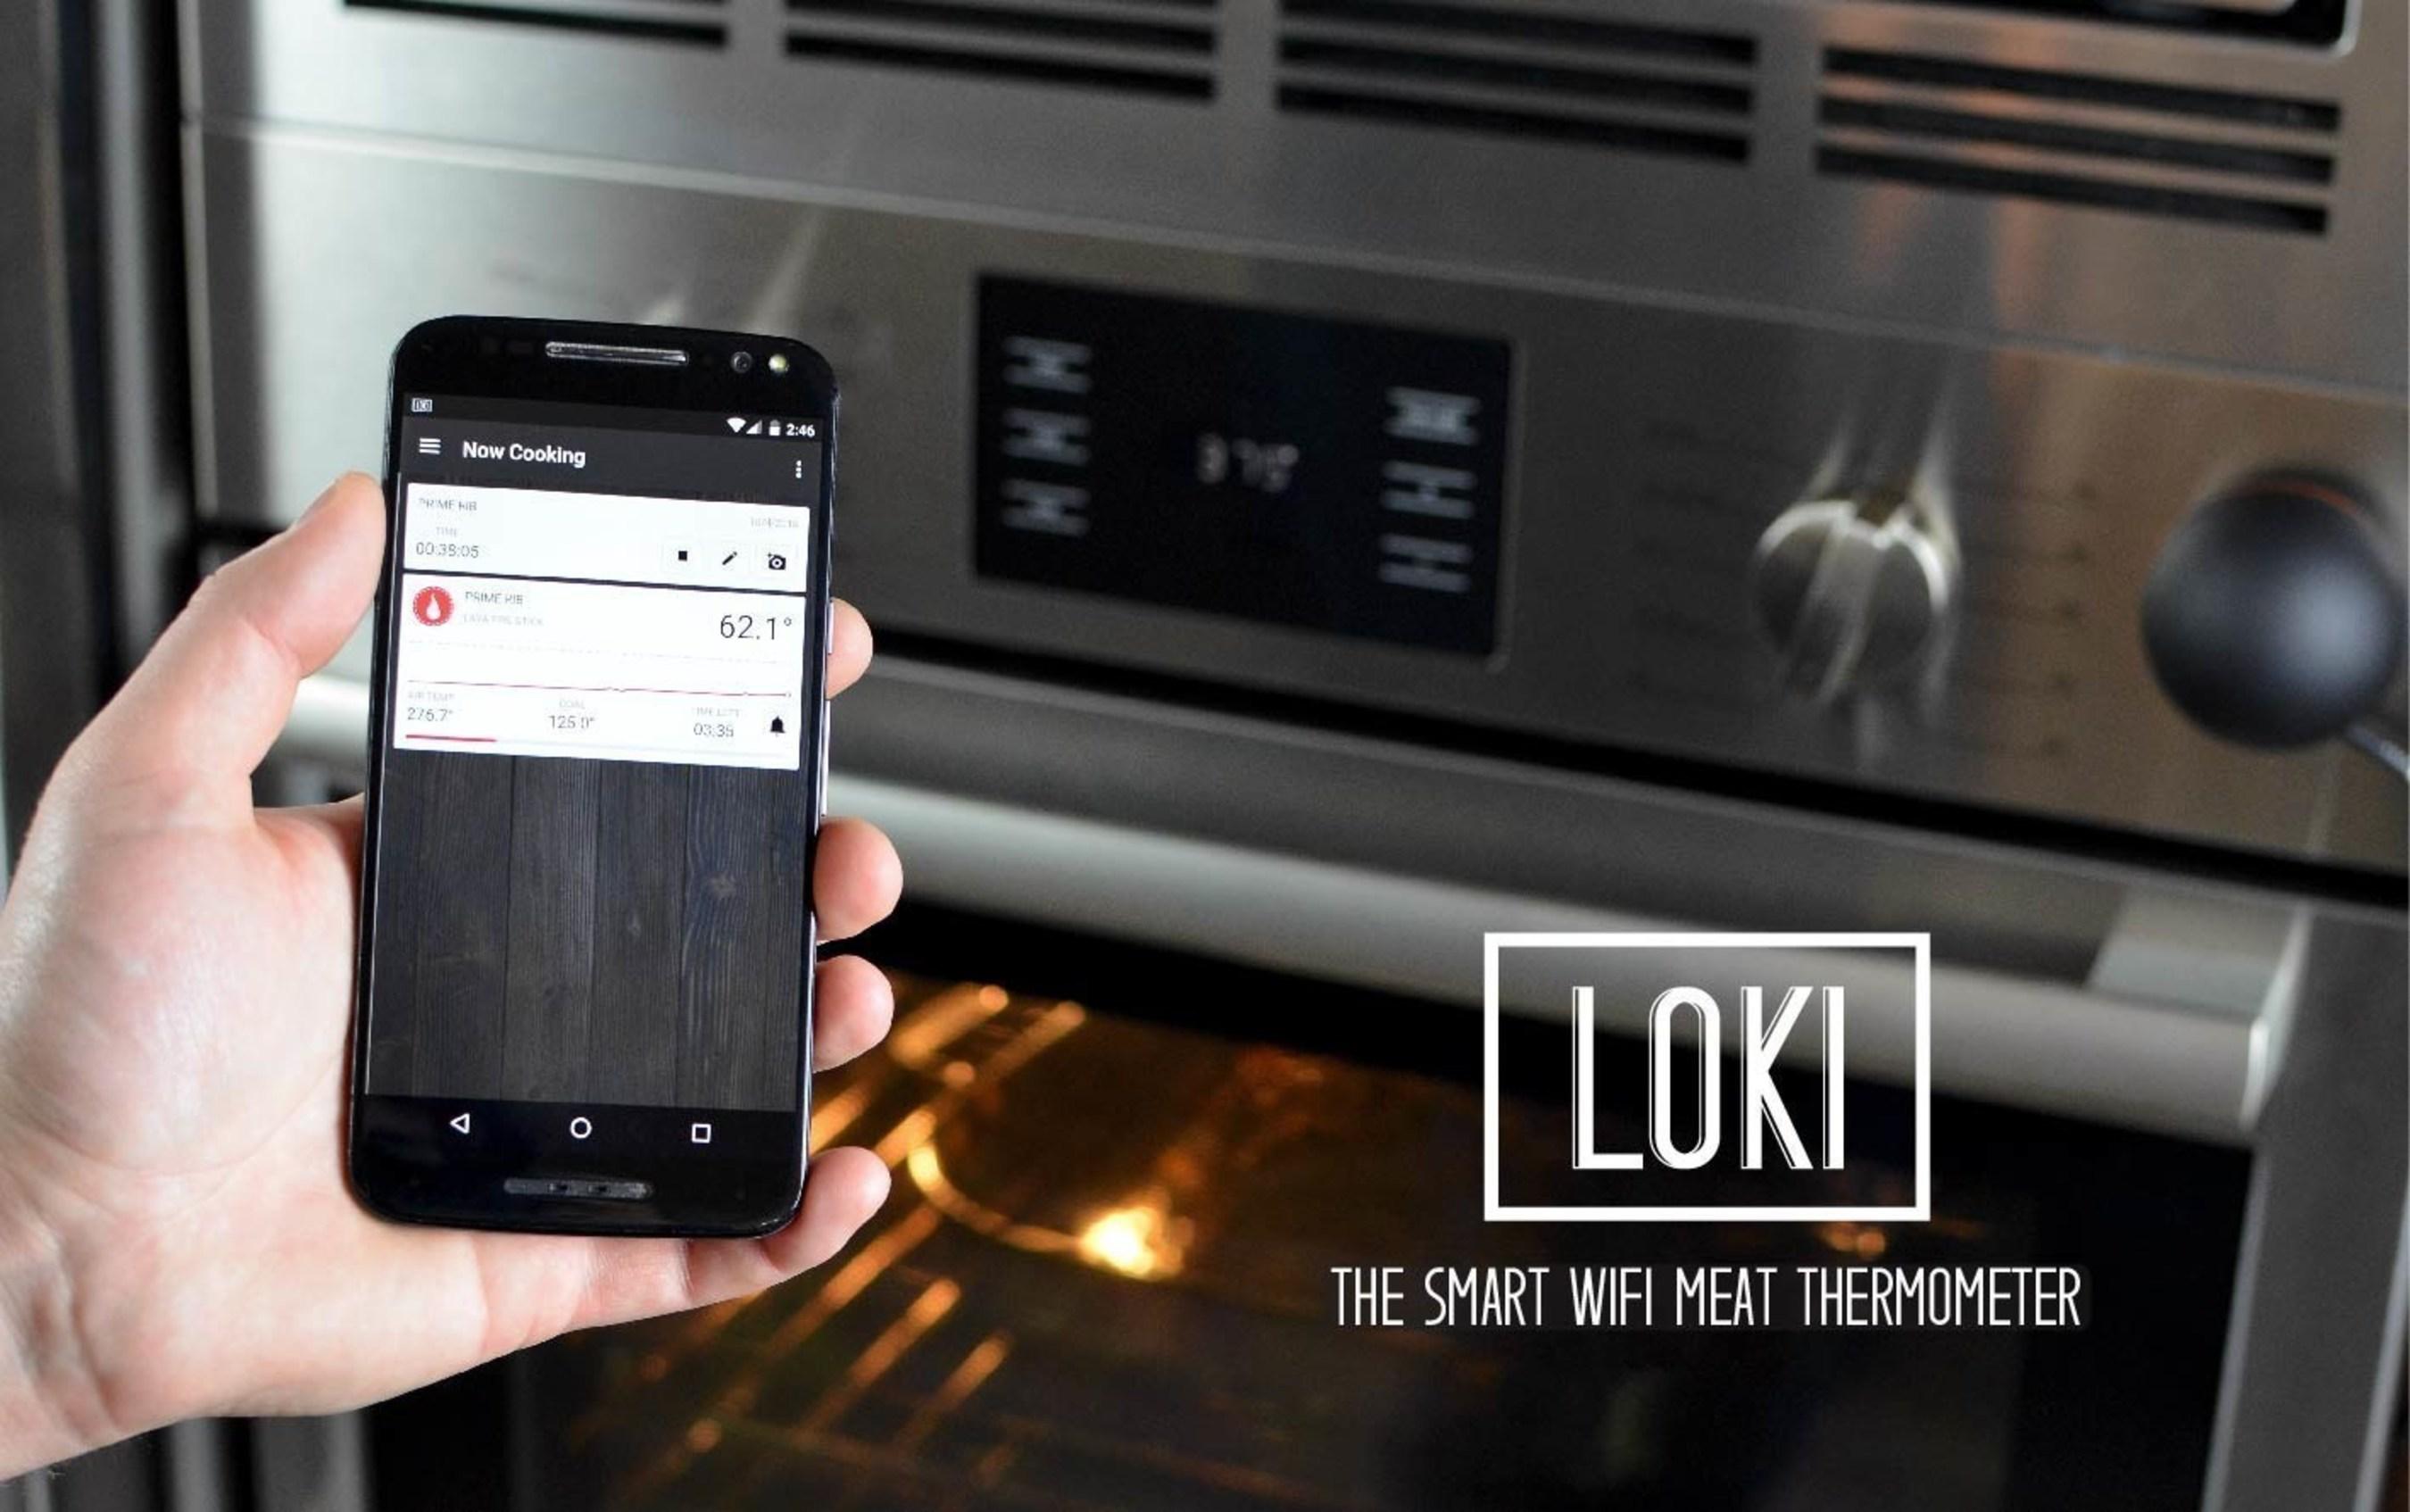 Loki Products, Inc. Announces Kickstarter Campaign Launch